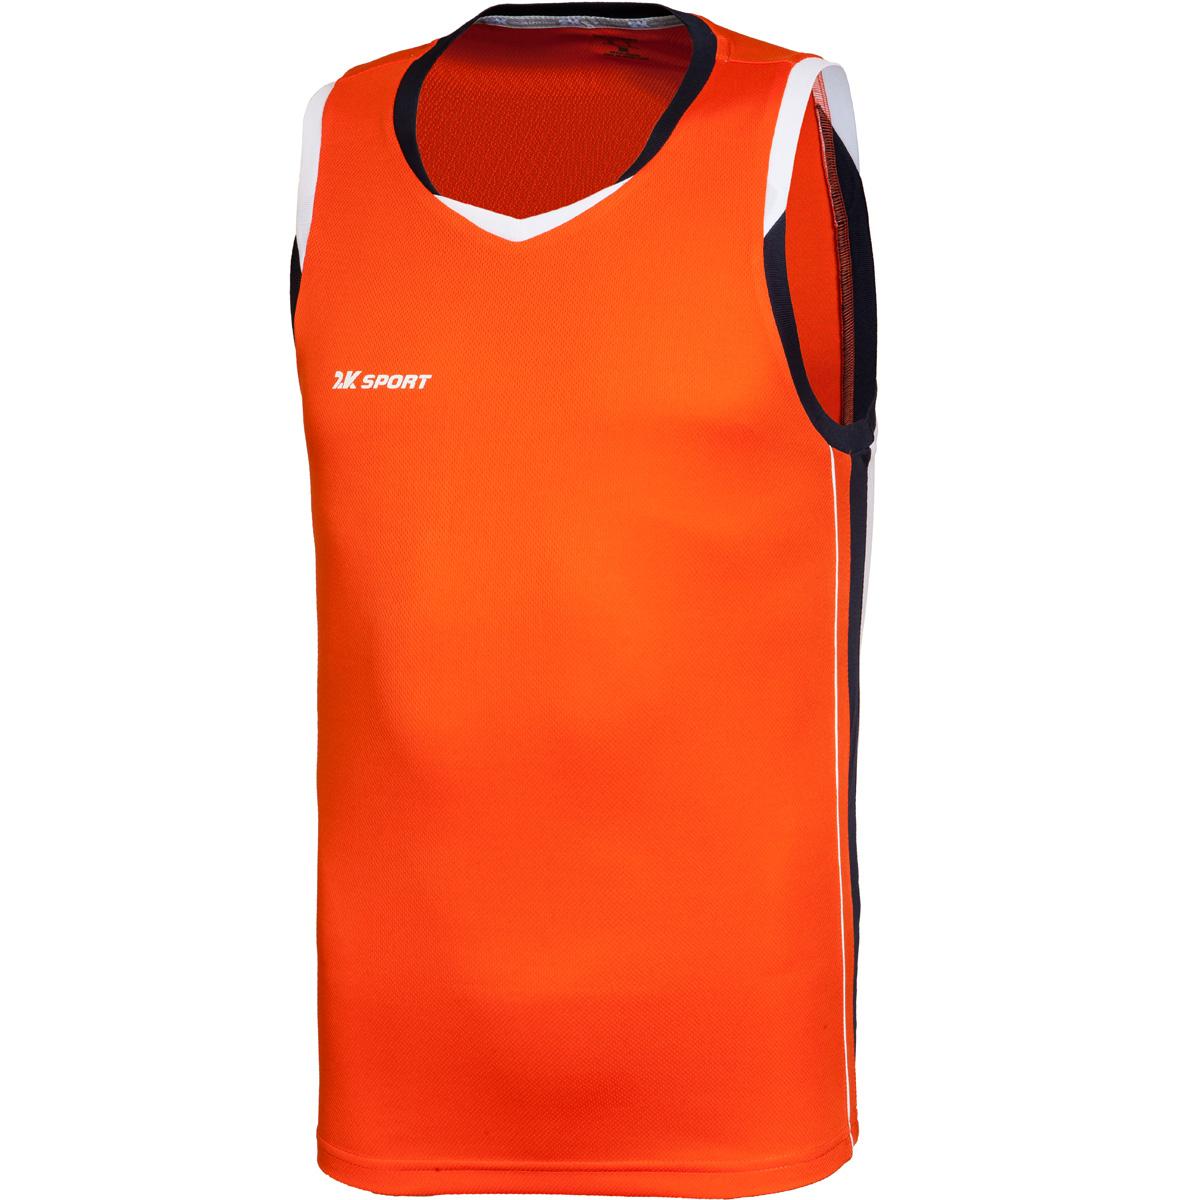 Майка баскетбольная мужская 2K Sport Advance, цвет: оранжевый, темно-синий, белый. 130030. Размер XXXL (56)130030_orange/navy/whiteПрофессиональная баскетбольная игровая майка от 2K Sport создана для того, чтобы вам ничего не мешало демонстрировать великолепную игру на паркете против самых грозных соперников. Особая сетчатая структура ткани позволяет сделать майку практически невесомой, сохраняя при этом прочность и эластичность. Стильный двухцветный кант по вороту и рукаву. Боковые контрастные вставки.